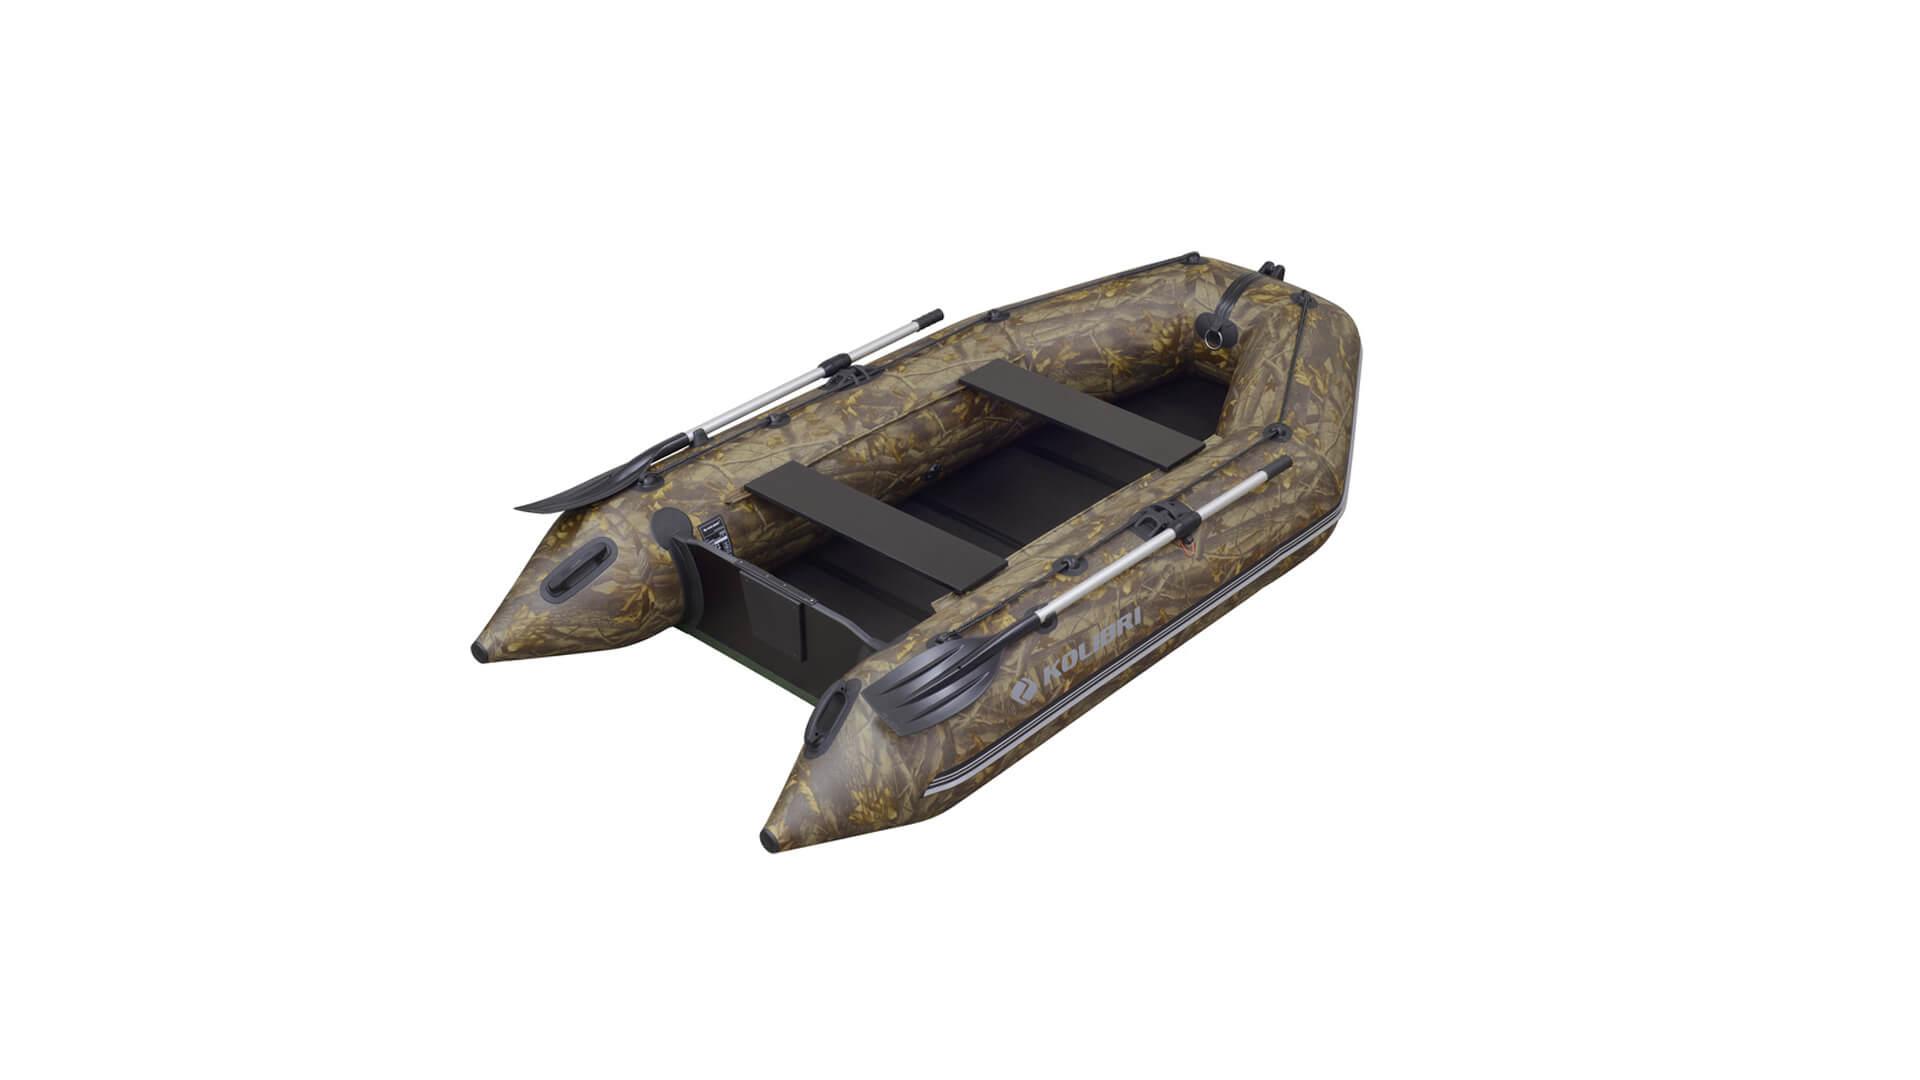 Надувная лодка Колибри КМ-280, Надувная лодка Колибри КМ-280, Надувная лодка Kolibri KM-280, Надувная лодка Kolibri KM-280, KOLIBRI KM-280, Колибри KM-280, KOLIBRI KM 280, KM-280, KOLIBRI KM280, KM280, Надувная лодка KOLIBRI, Надувная лодка Колибри, Разборная лодка, Складная лодка, надувная лодка с транцем, надувная лодка для рыбалки, надувная лодка пвх, лодка пвх